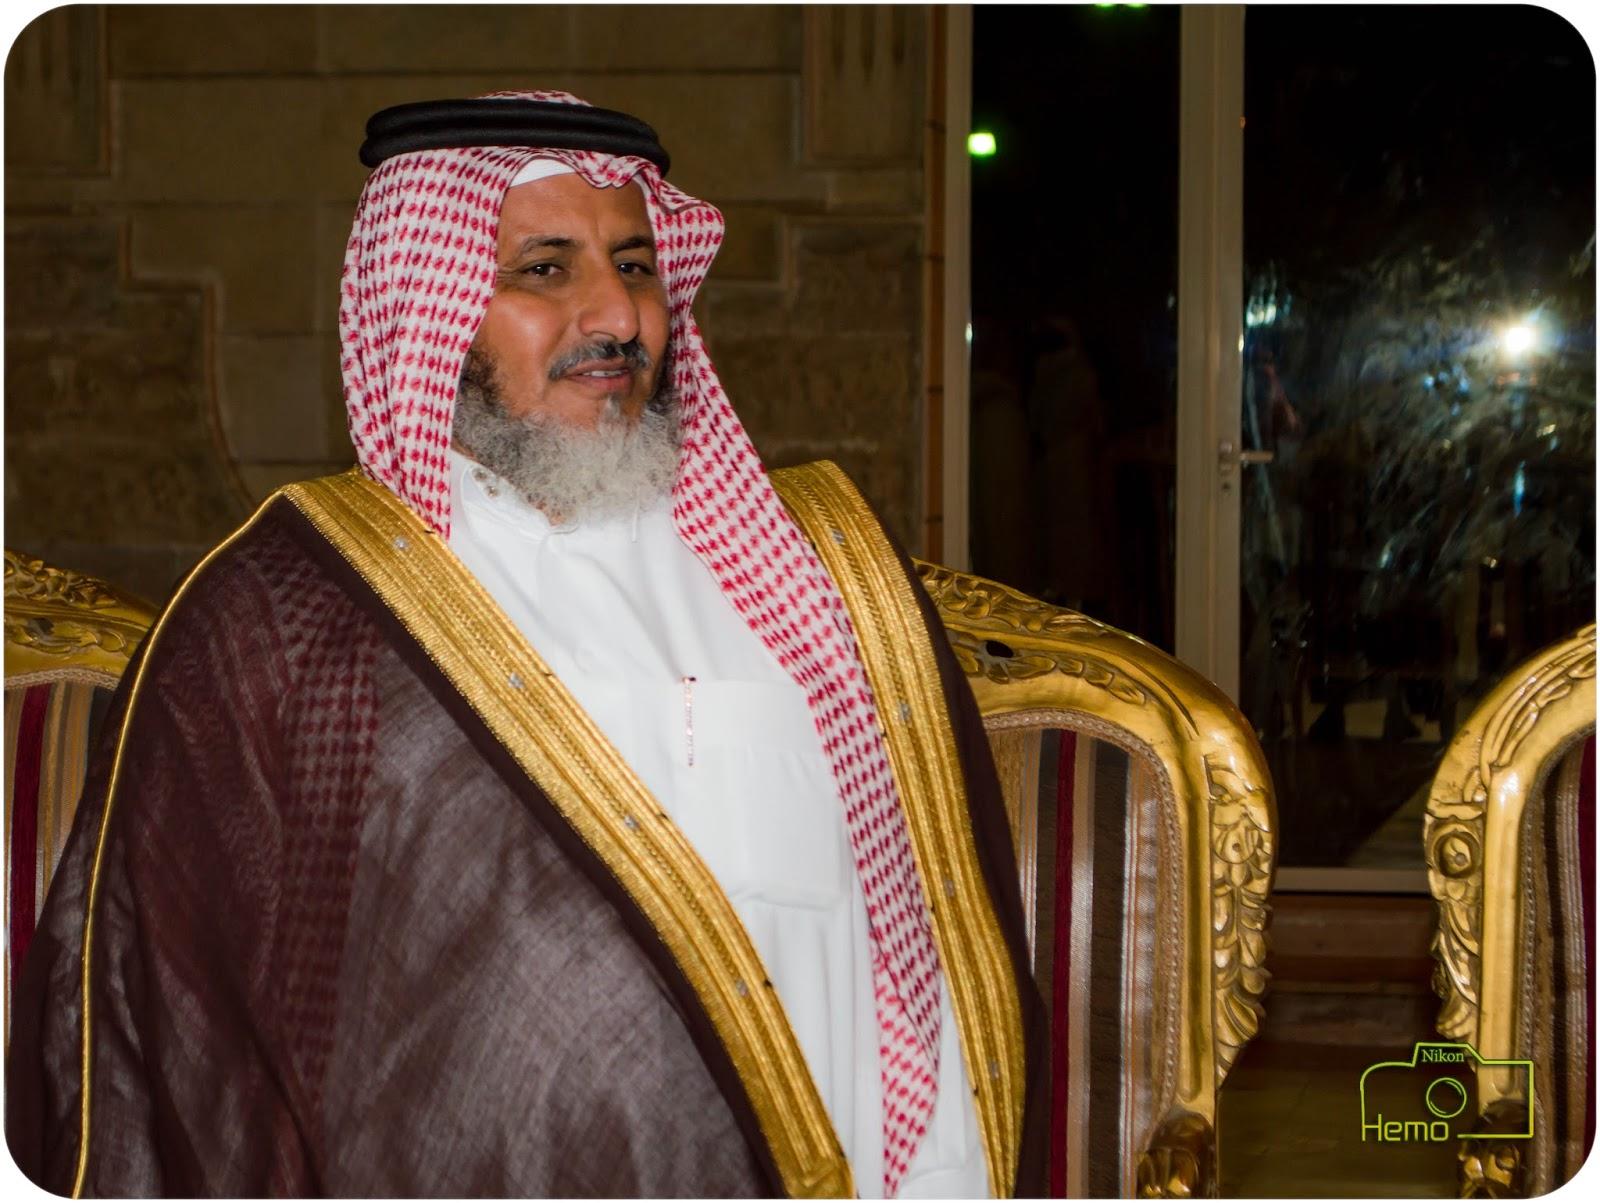 زواج عبدالمعين ناصر الزهراني  7229439cce